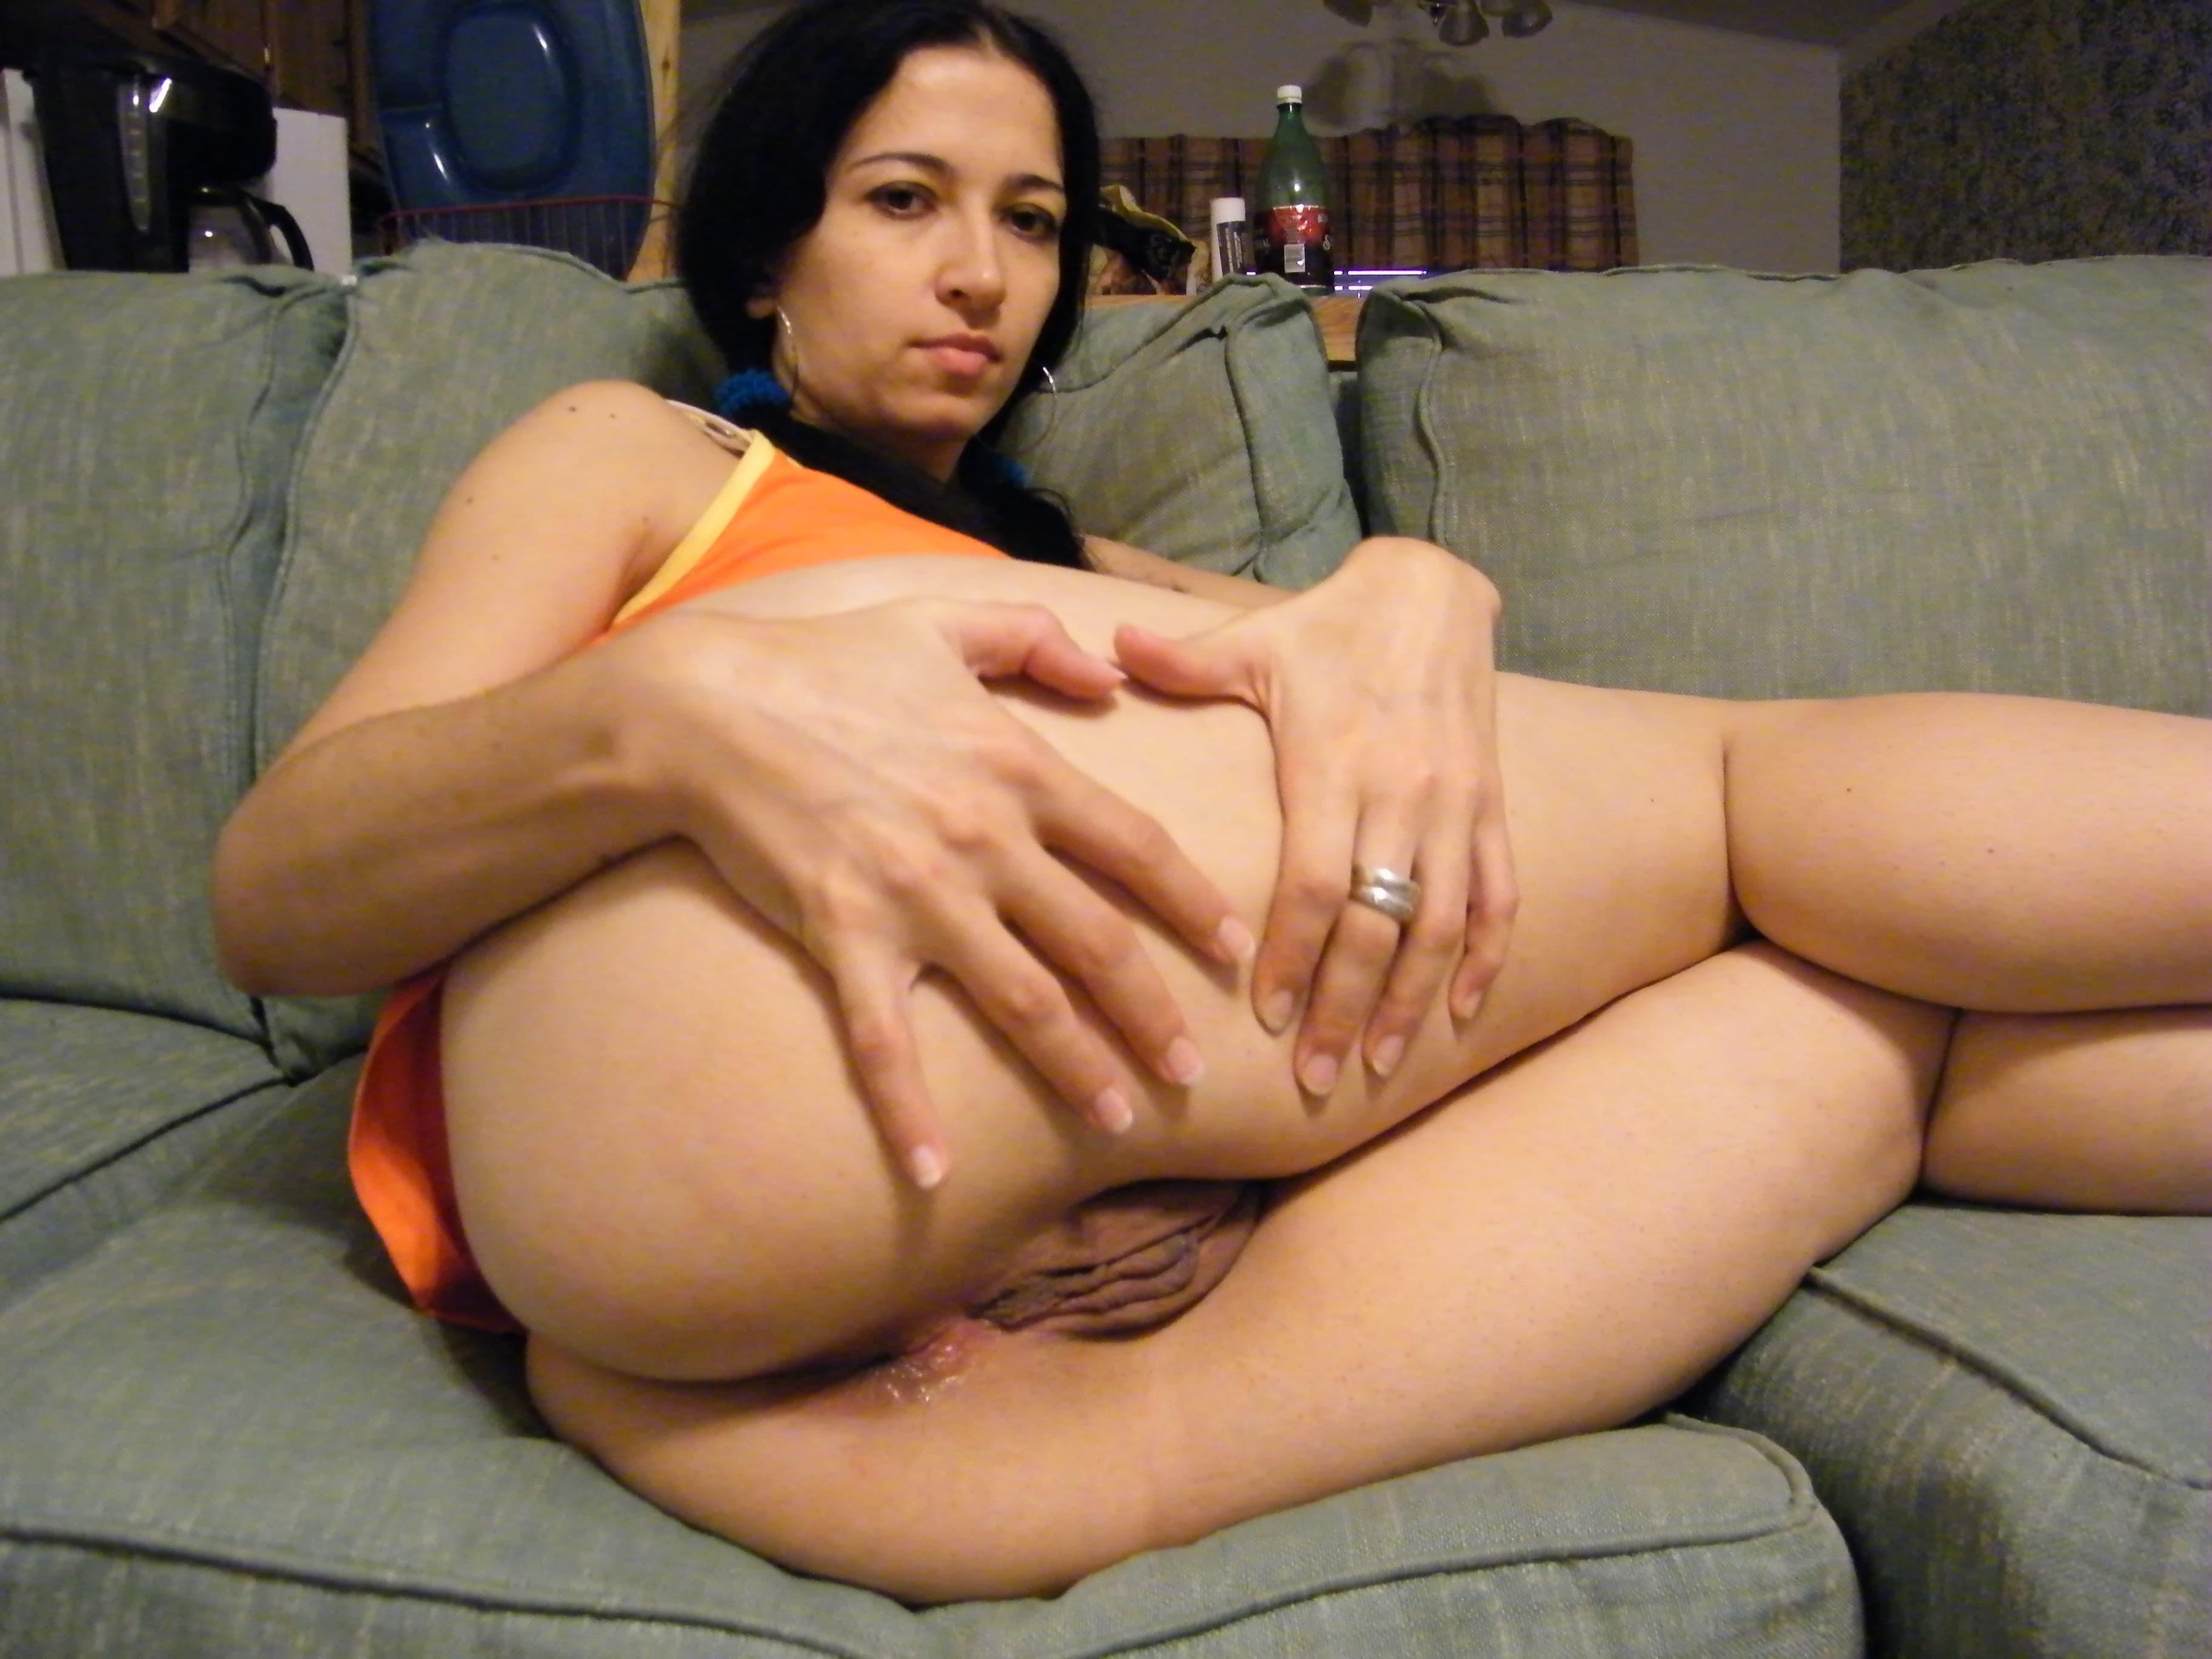 Девушка с огромной жопой раздвигает половые губы - фото